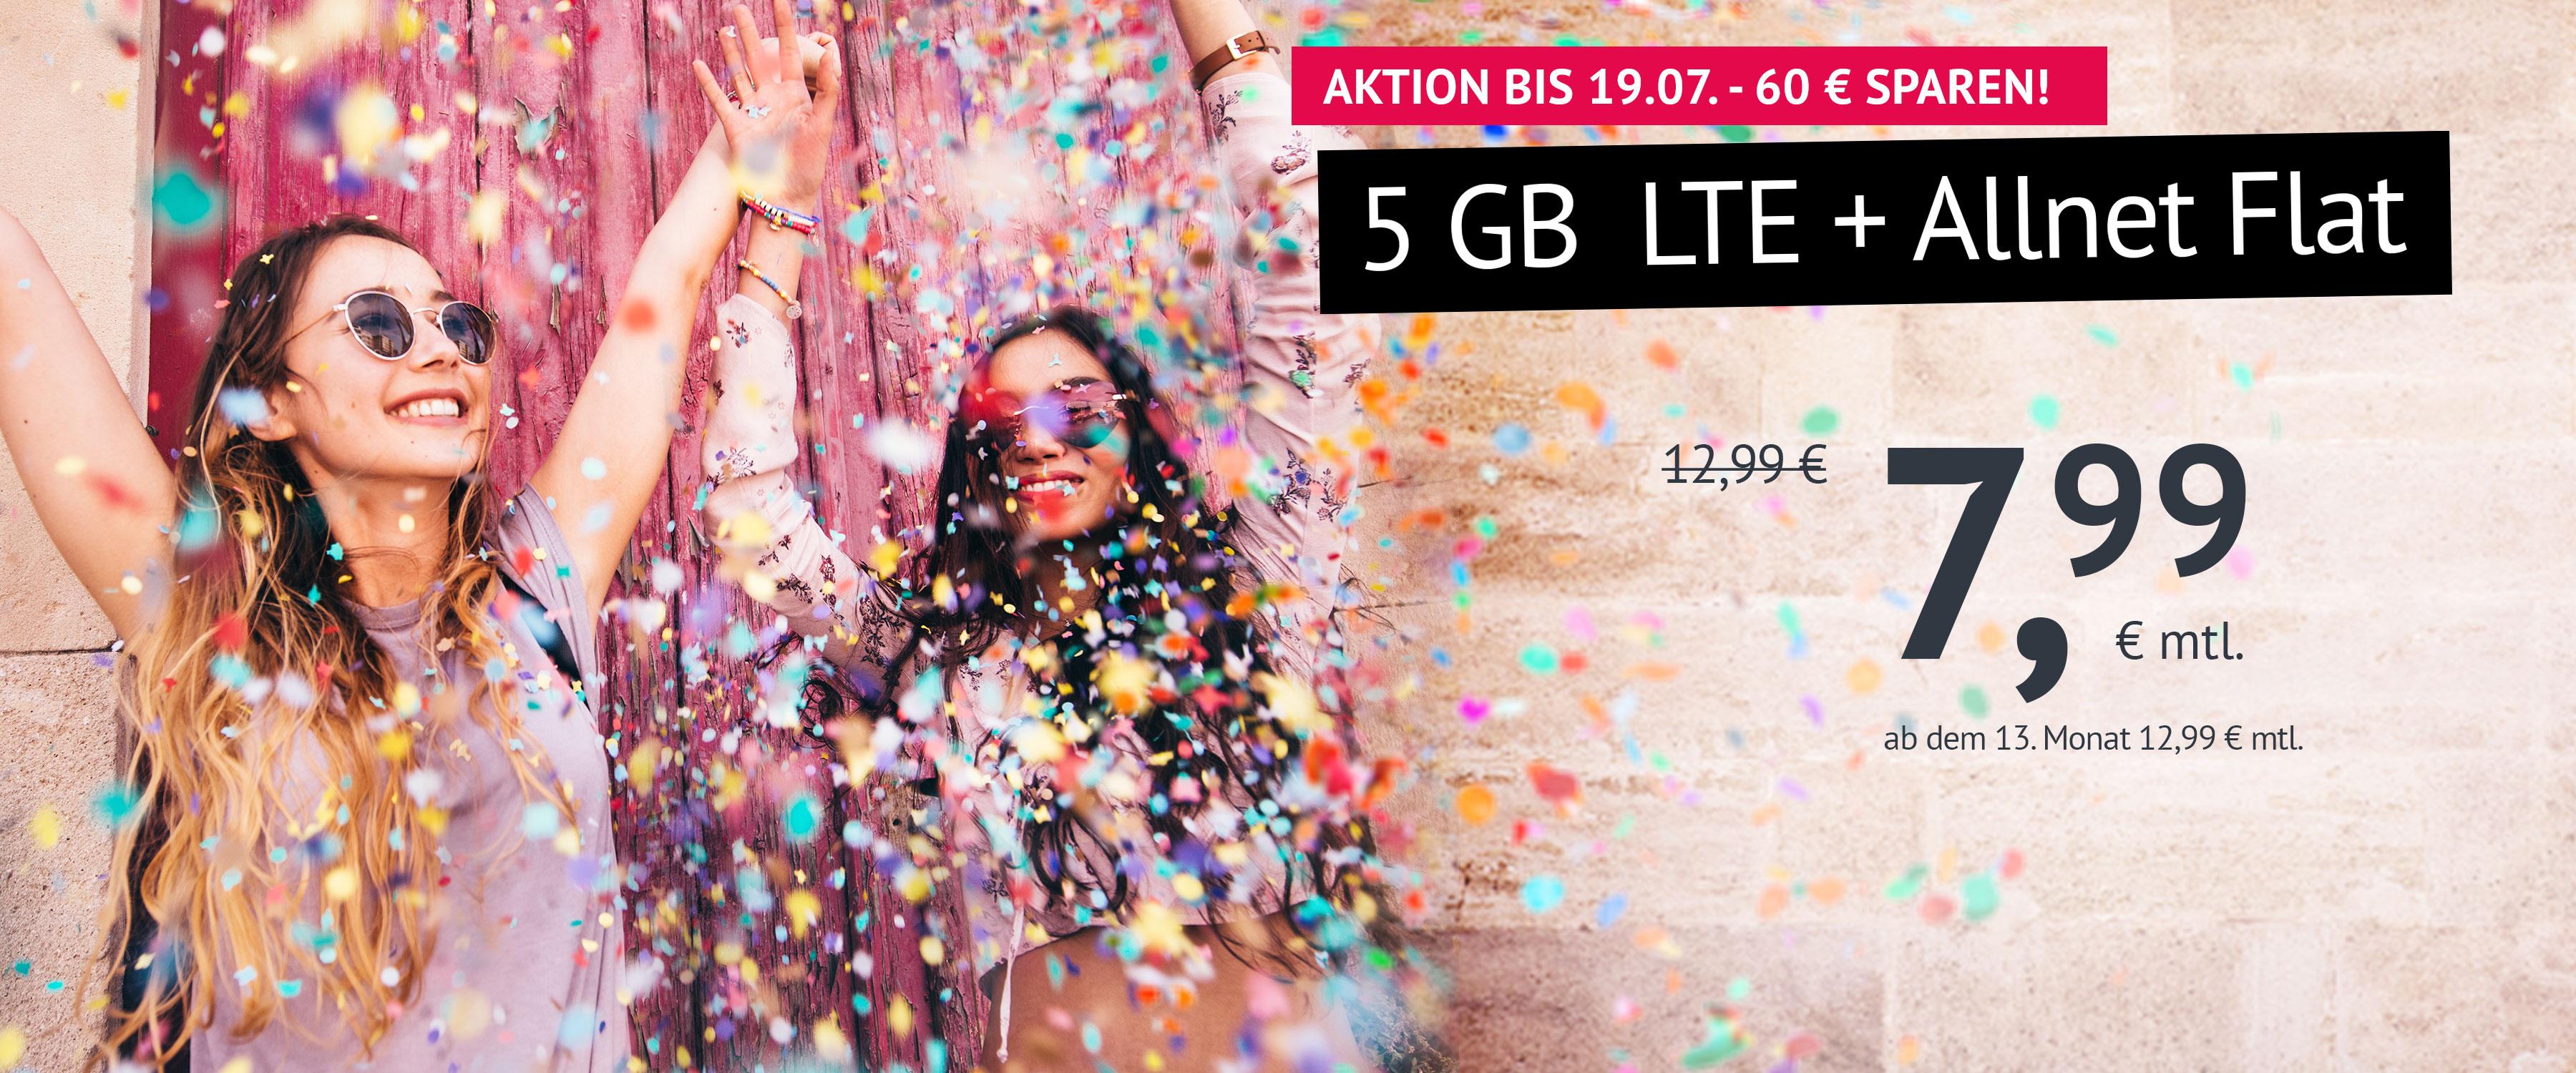 Aktion 5 GB LTE